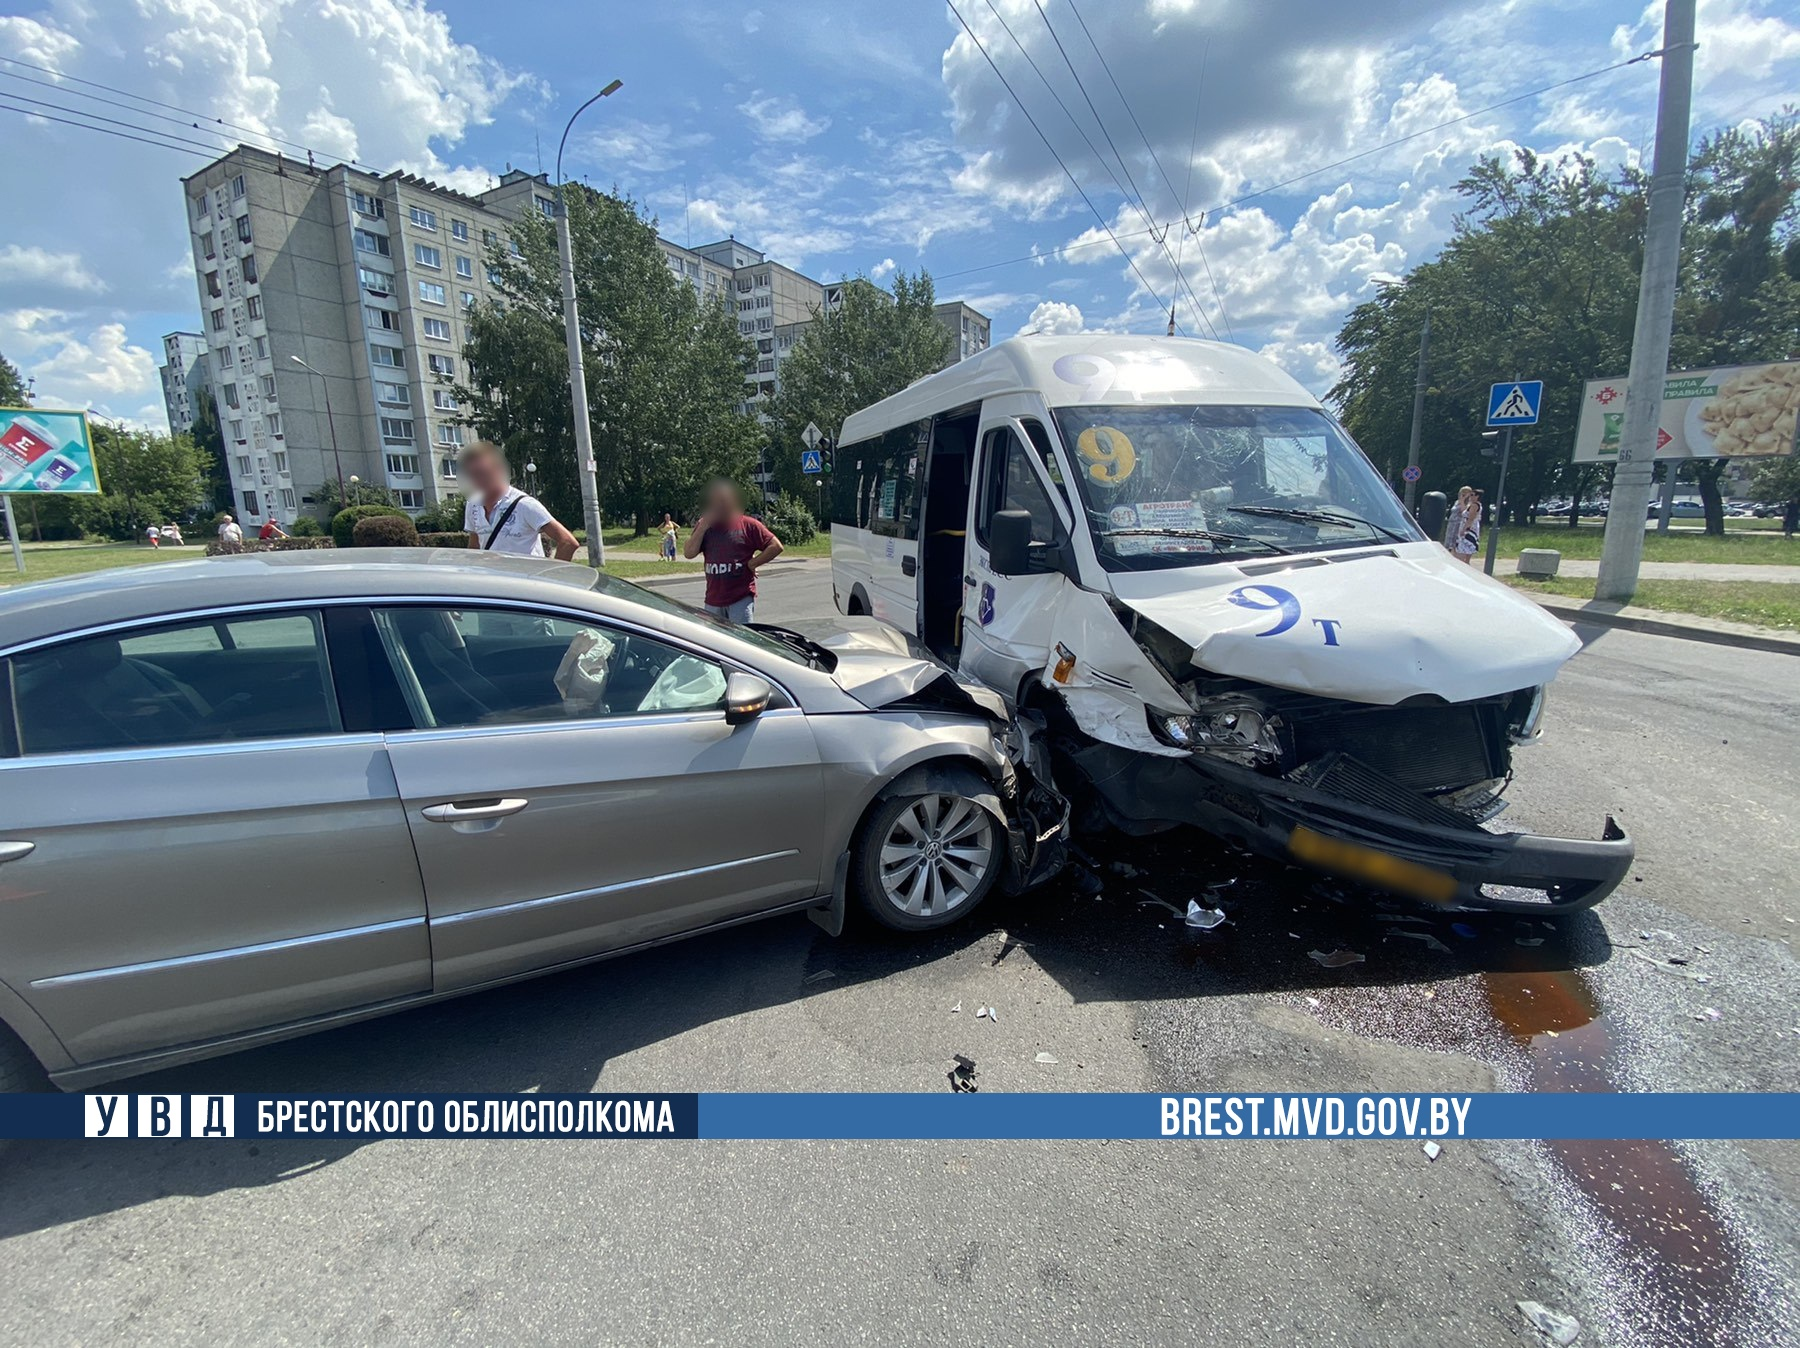 Маршрутное такси 9-ка столкнулась с автомобилем в Бресте на ул. Гаврилова. Кто виноват?